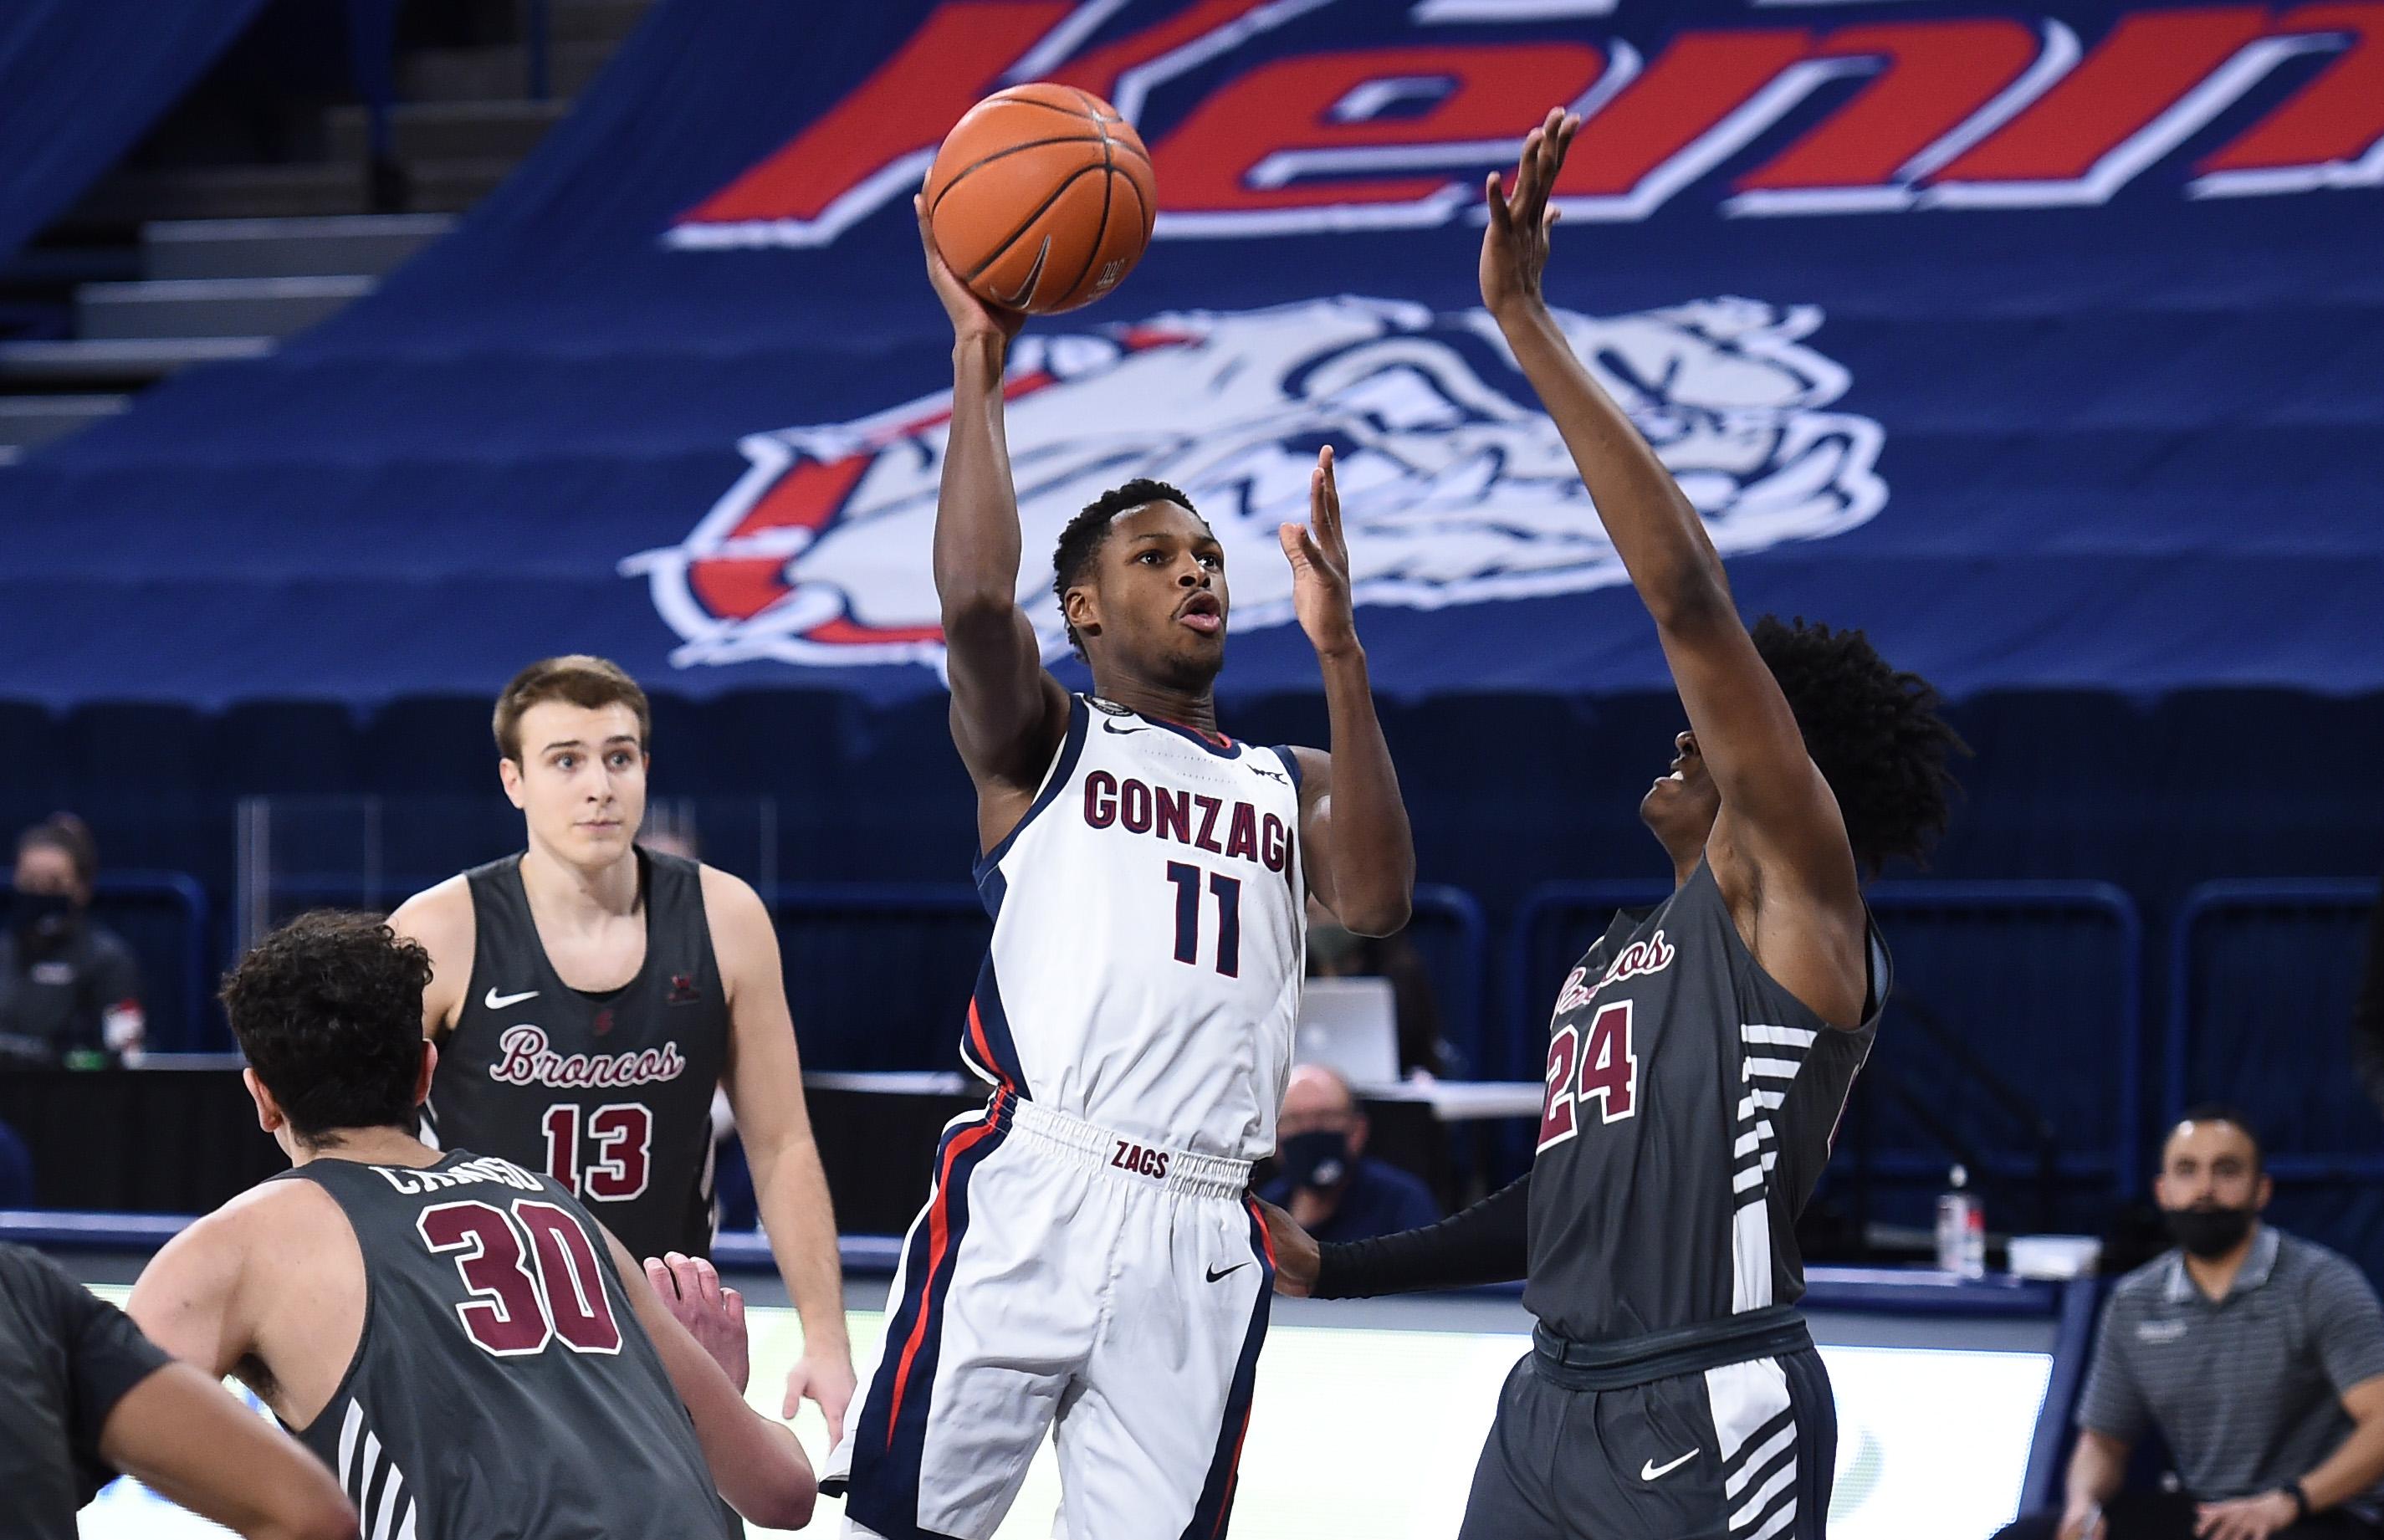 NCAA Basketball: Santa Clara at Gonzaga